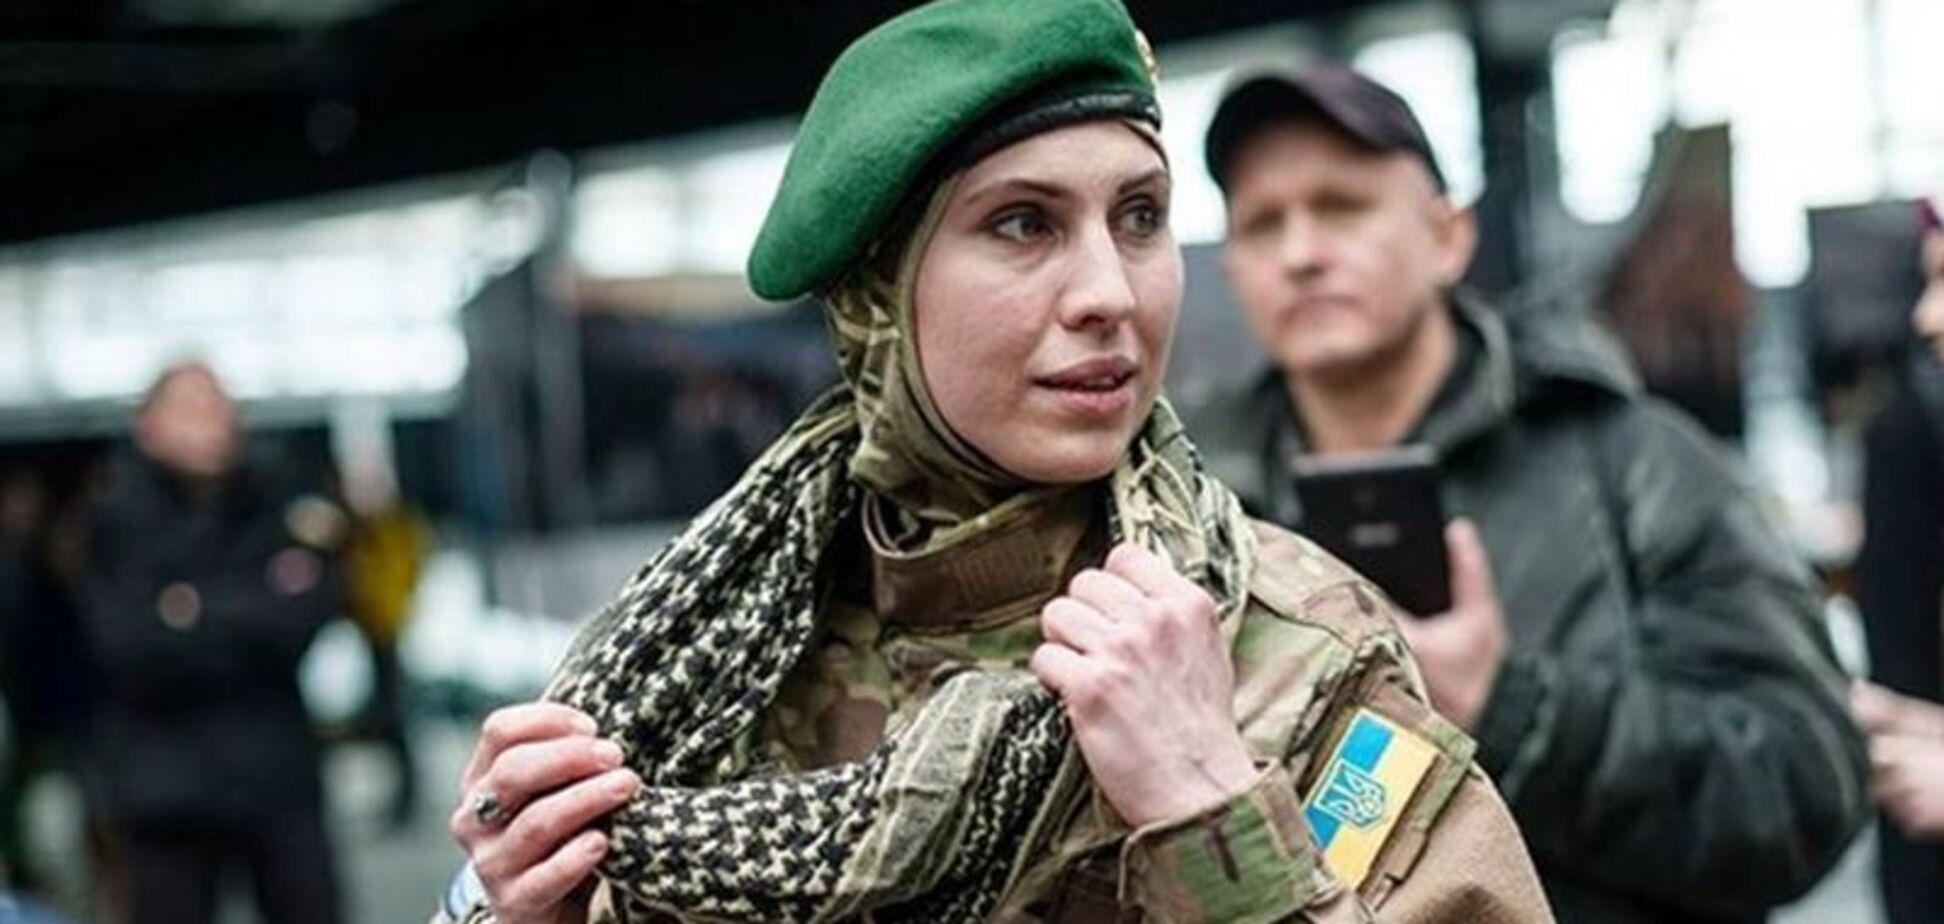 Фронт переместился вглубь Украины. Теперь он везде